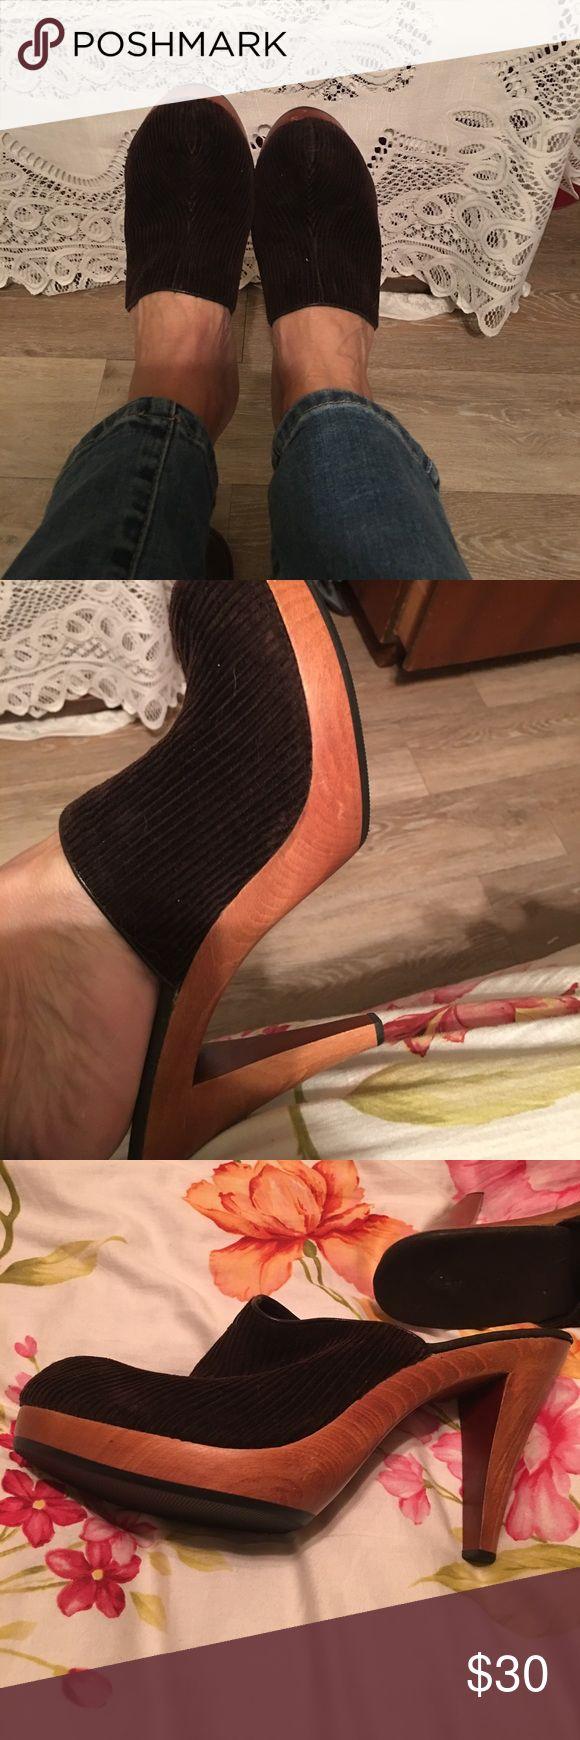 Colin  Stuart Clogs Brown corduroy  upper, wooden soles. Super cute. Size 8 1/2 Colin Stuart Shoes Mules & Clogs